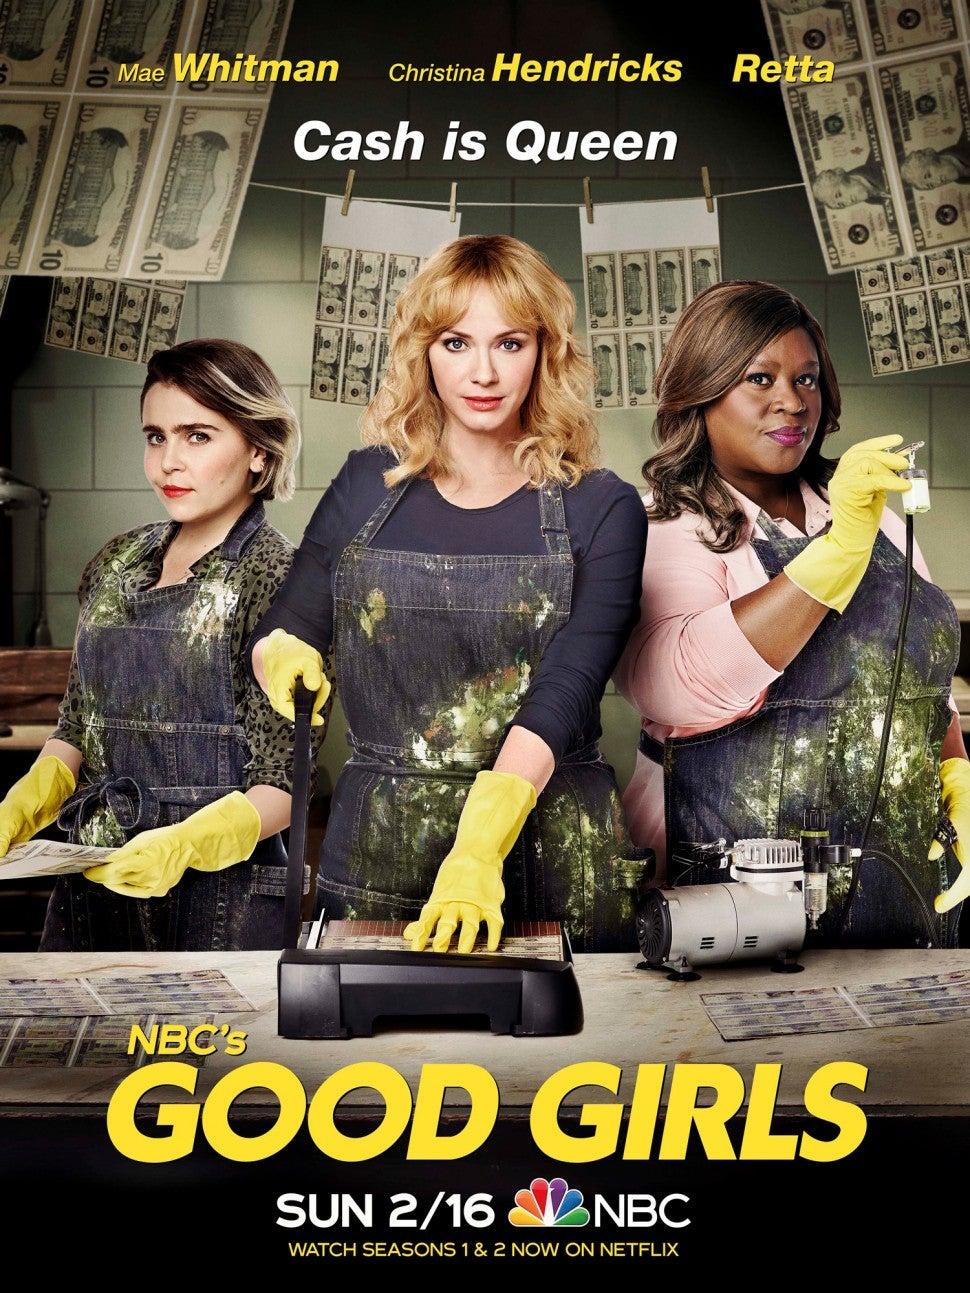 مسلسل Good Girls الموسم الثالث الحلقة 3 الثالثة مترجمة